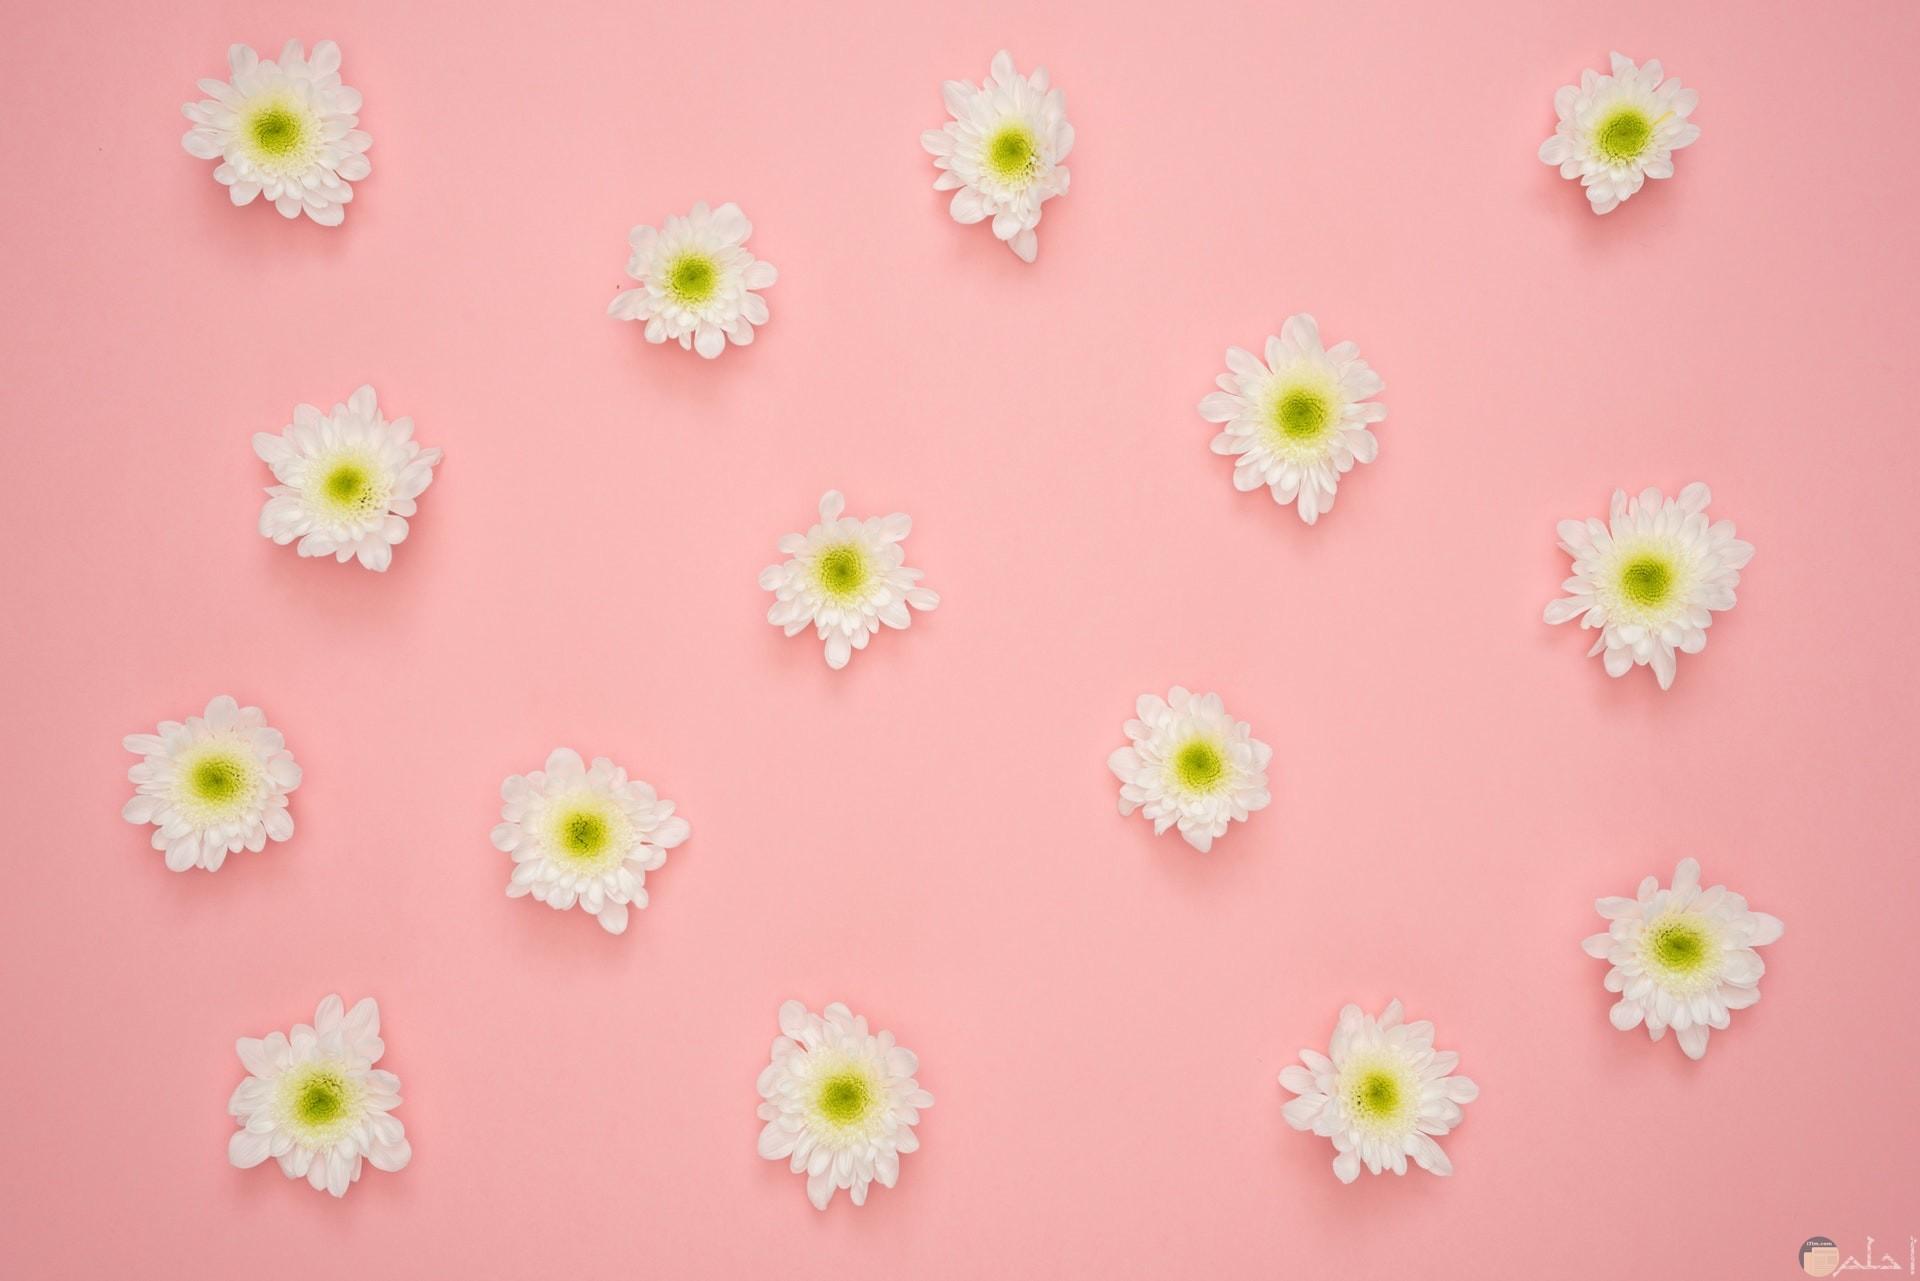 صورة مميزة موجود فيها ورود بيضاء مع خلفية باللون الوردي جميلة